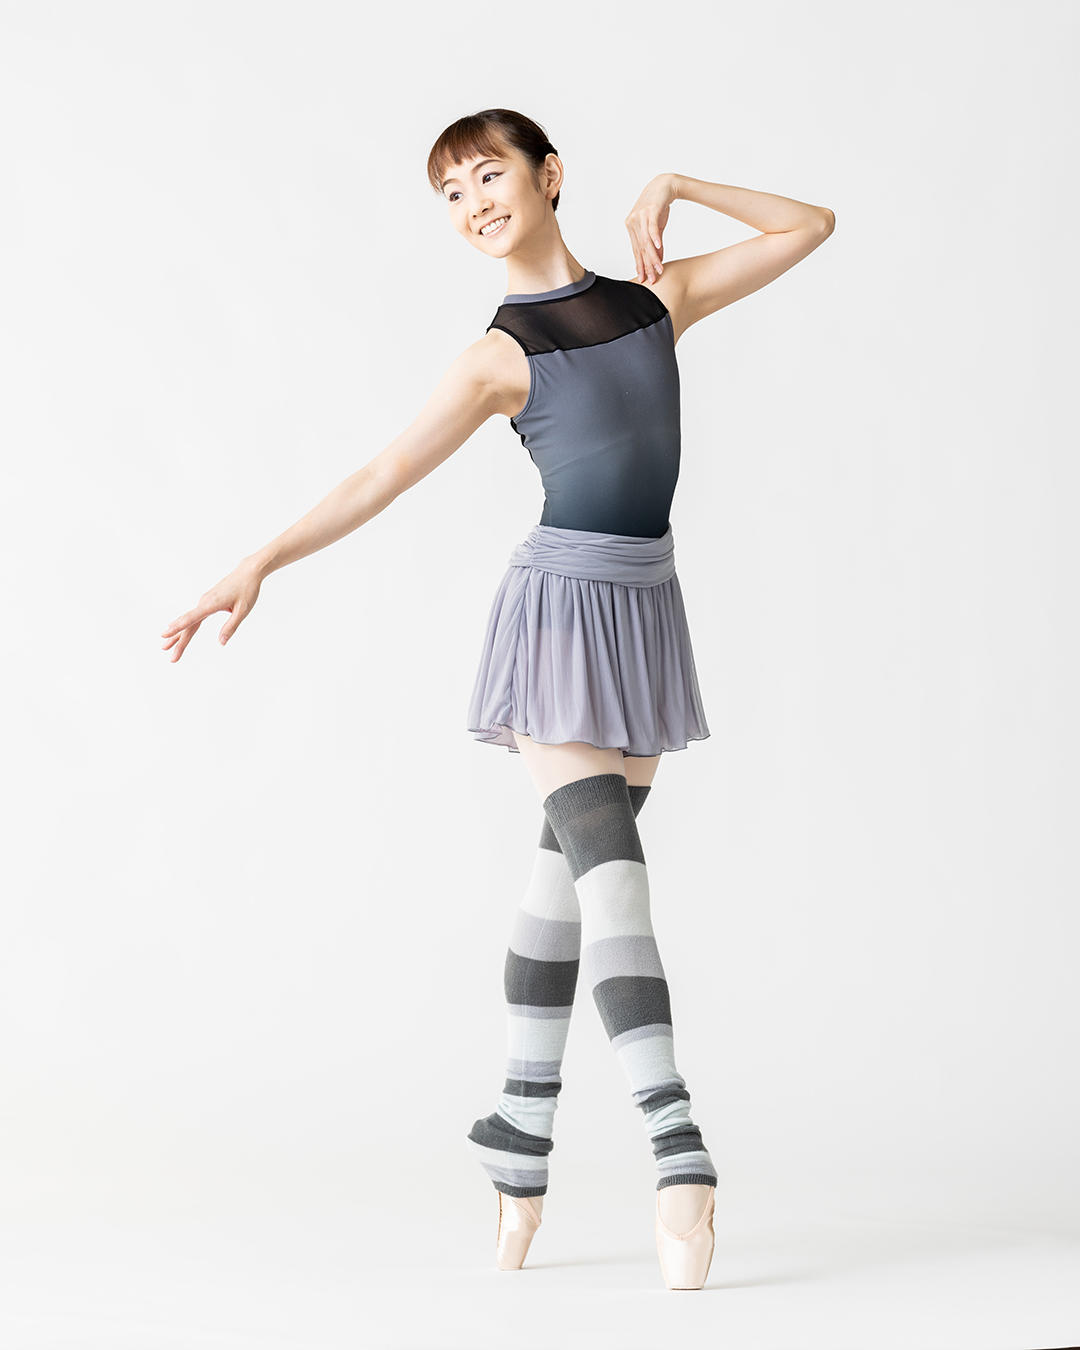 0909_ballet_new_7.jpg